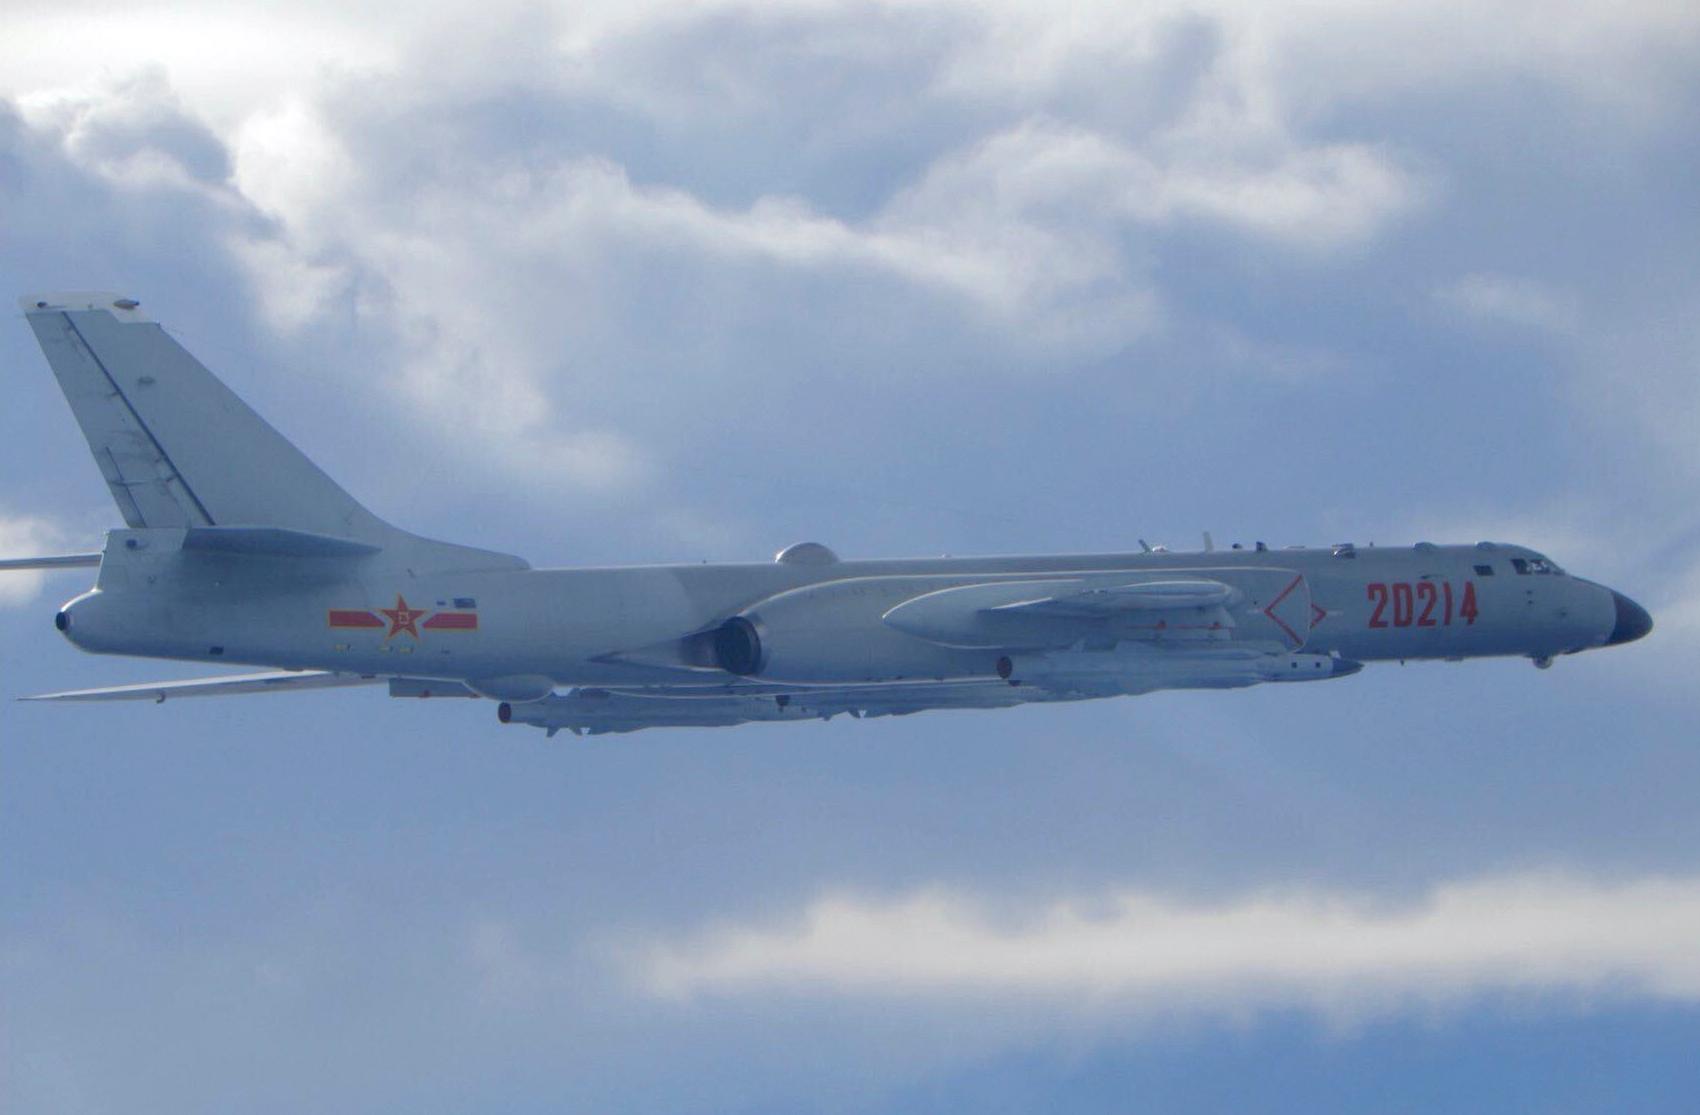 Un avion bombardier chinois H-6 en plein vol près de la zone d'identification aérienne de Taïwan le 18 septembre 2020. (Source : NZ Herald)